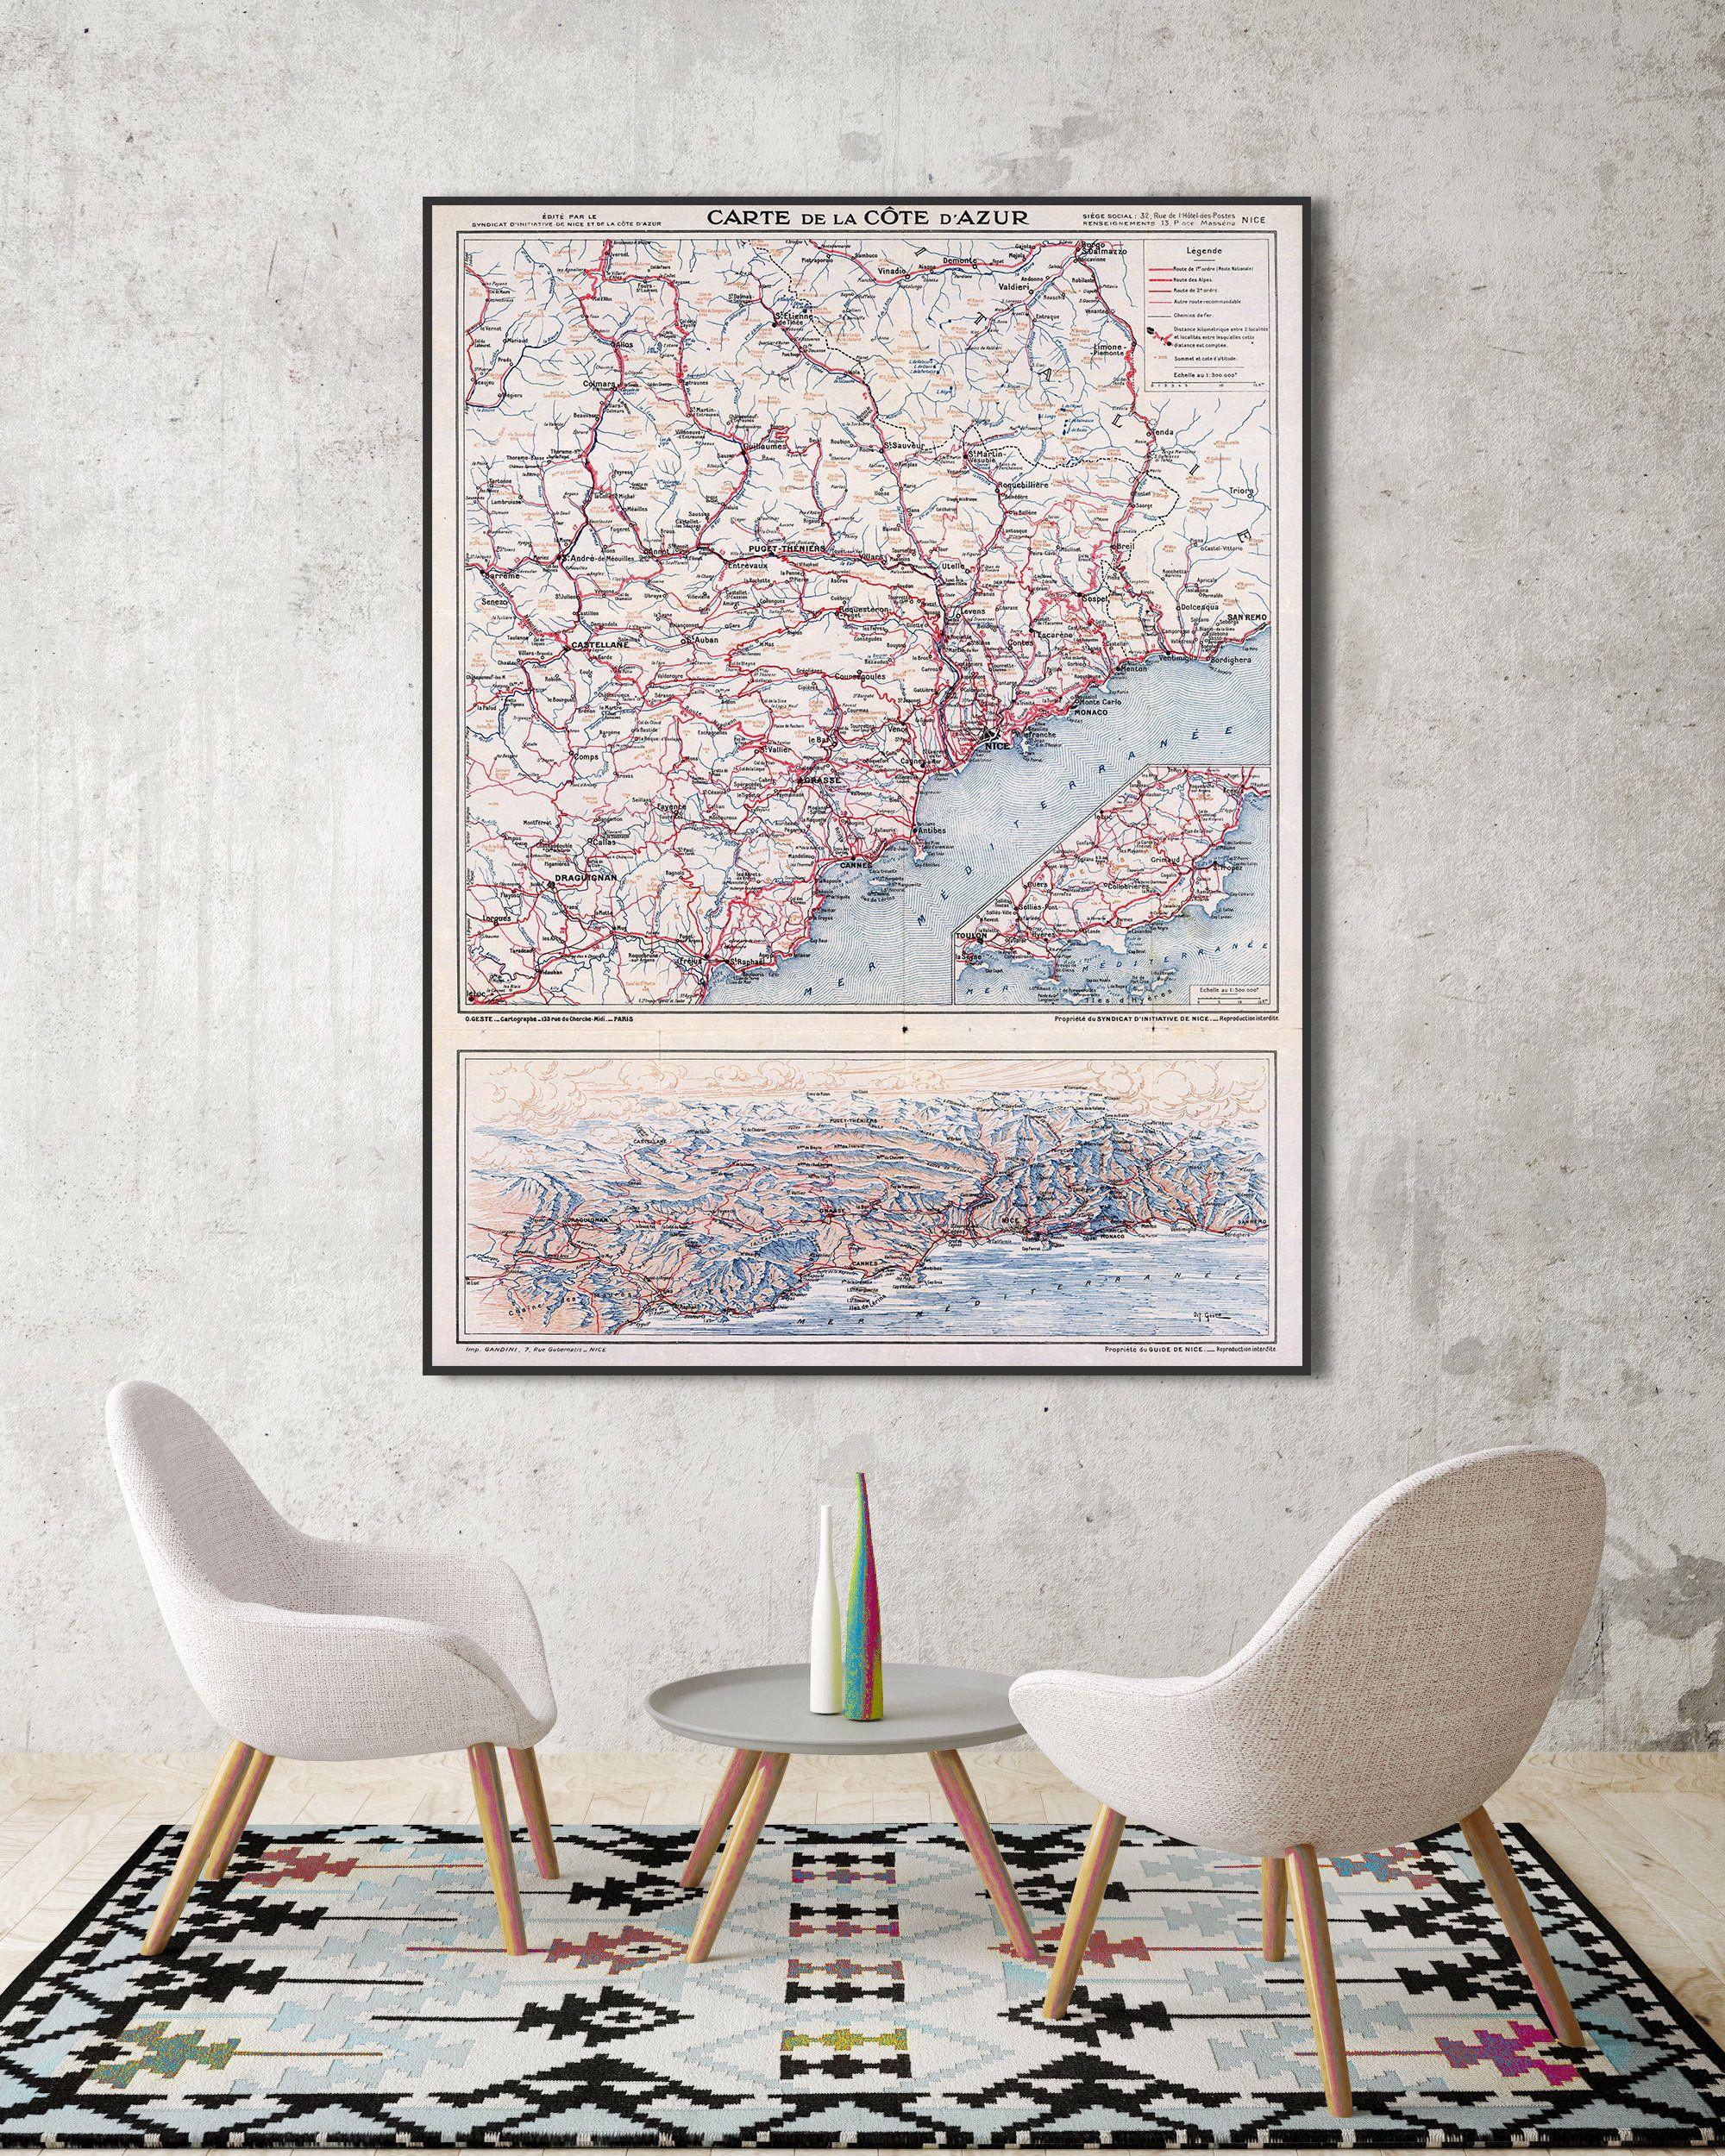 French Riviera 1939 French Riviera Map Carte De La Cote D Azur